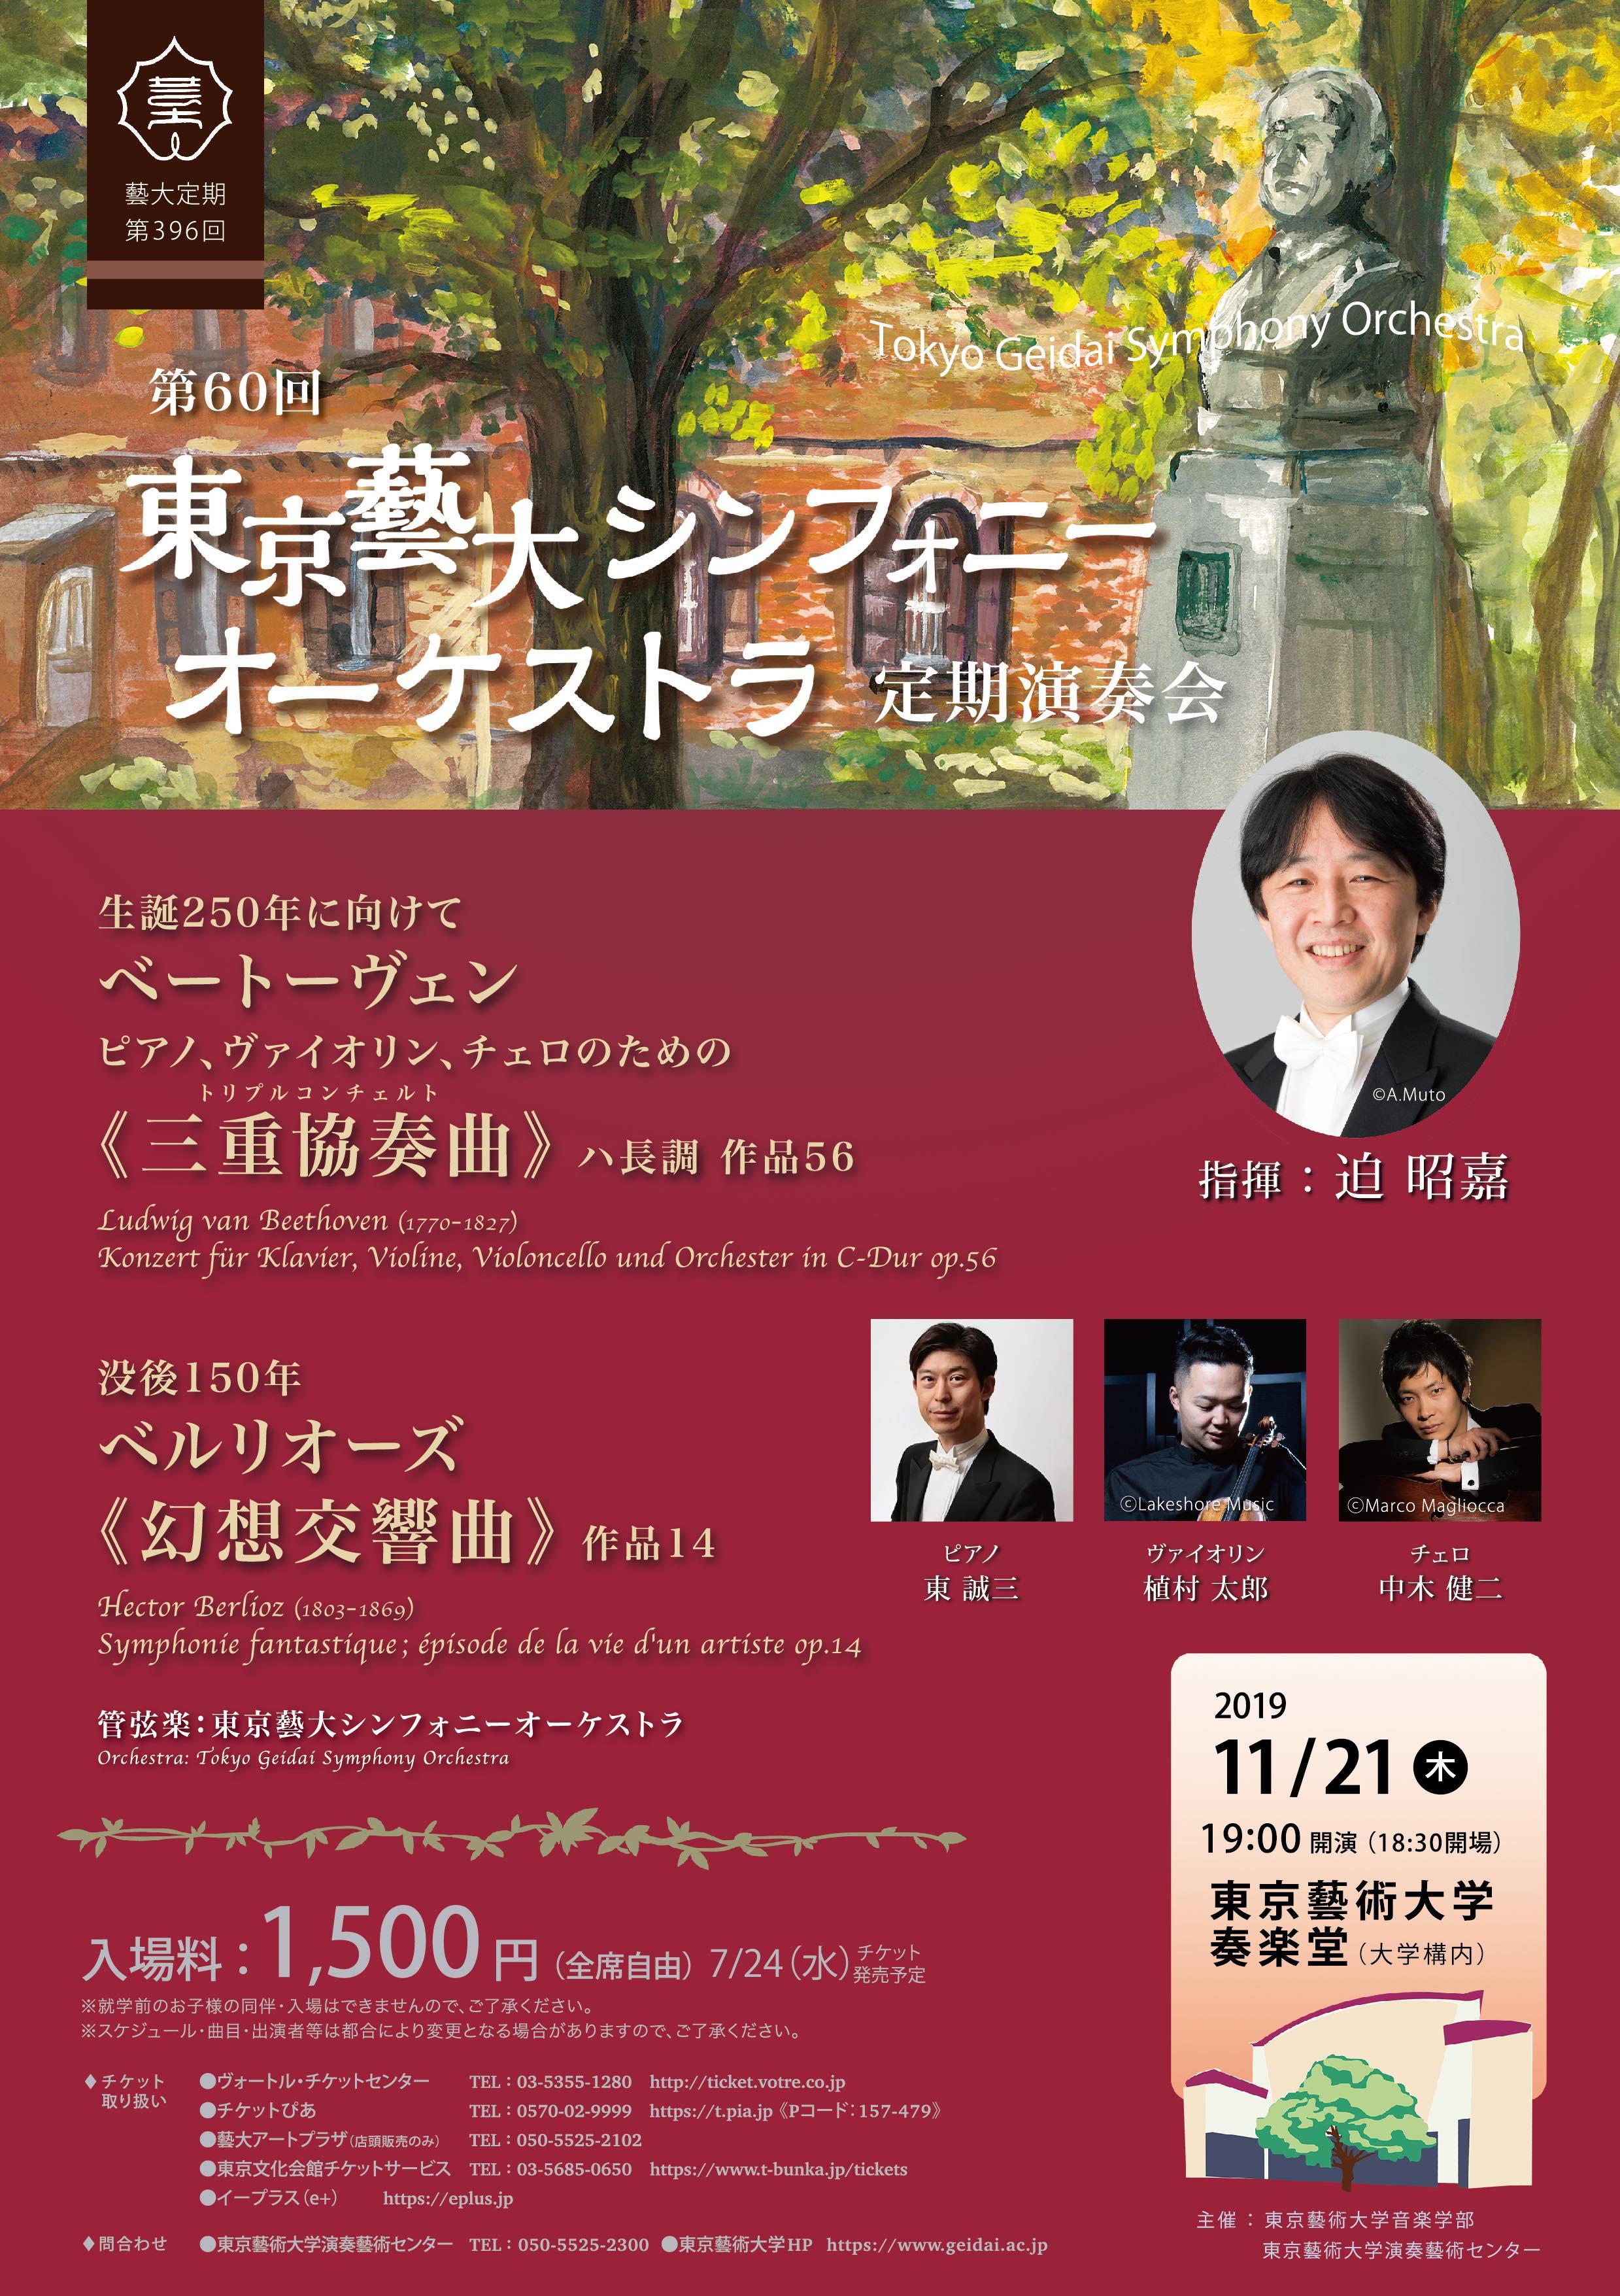 東京藝大シンフォニーオーケストラ 第60回定期演奏会